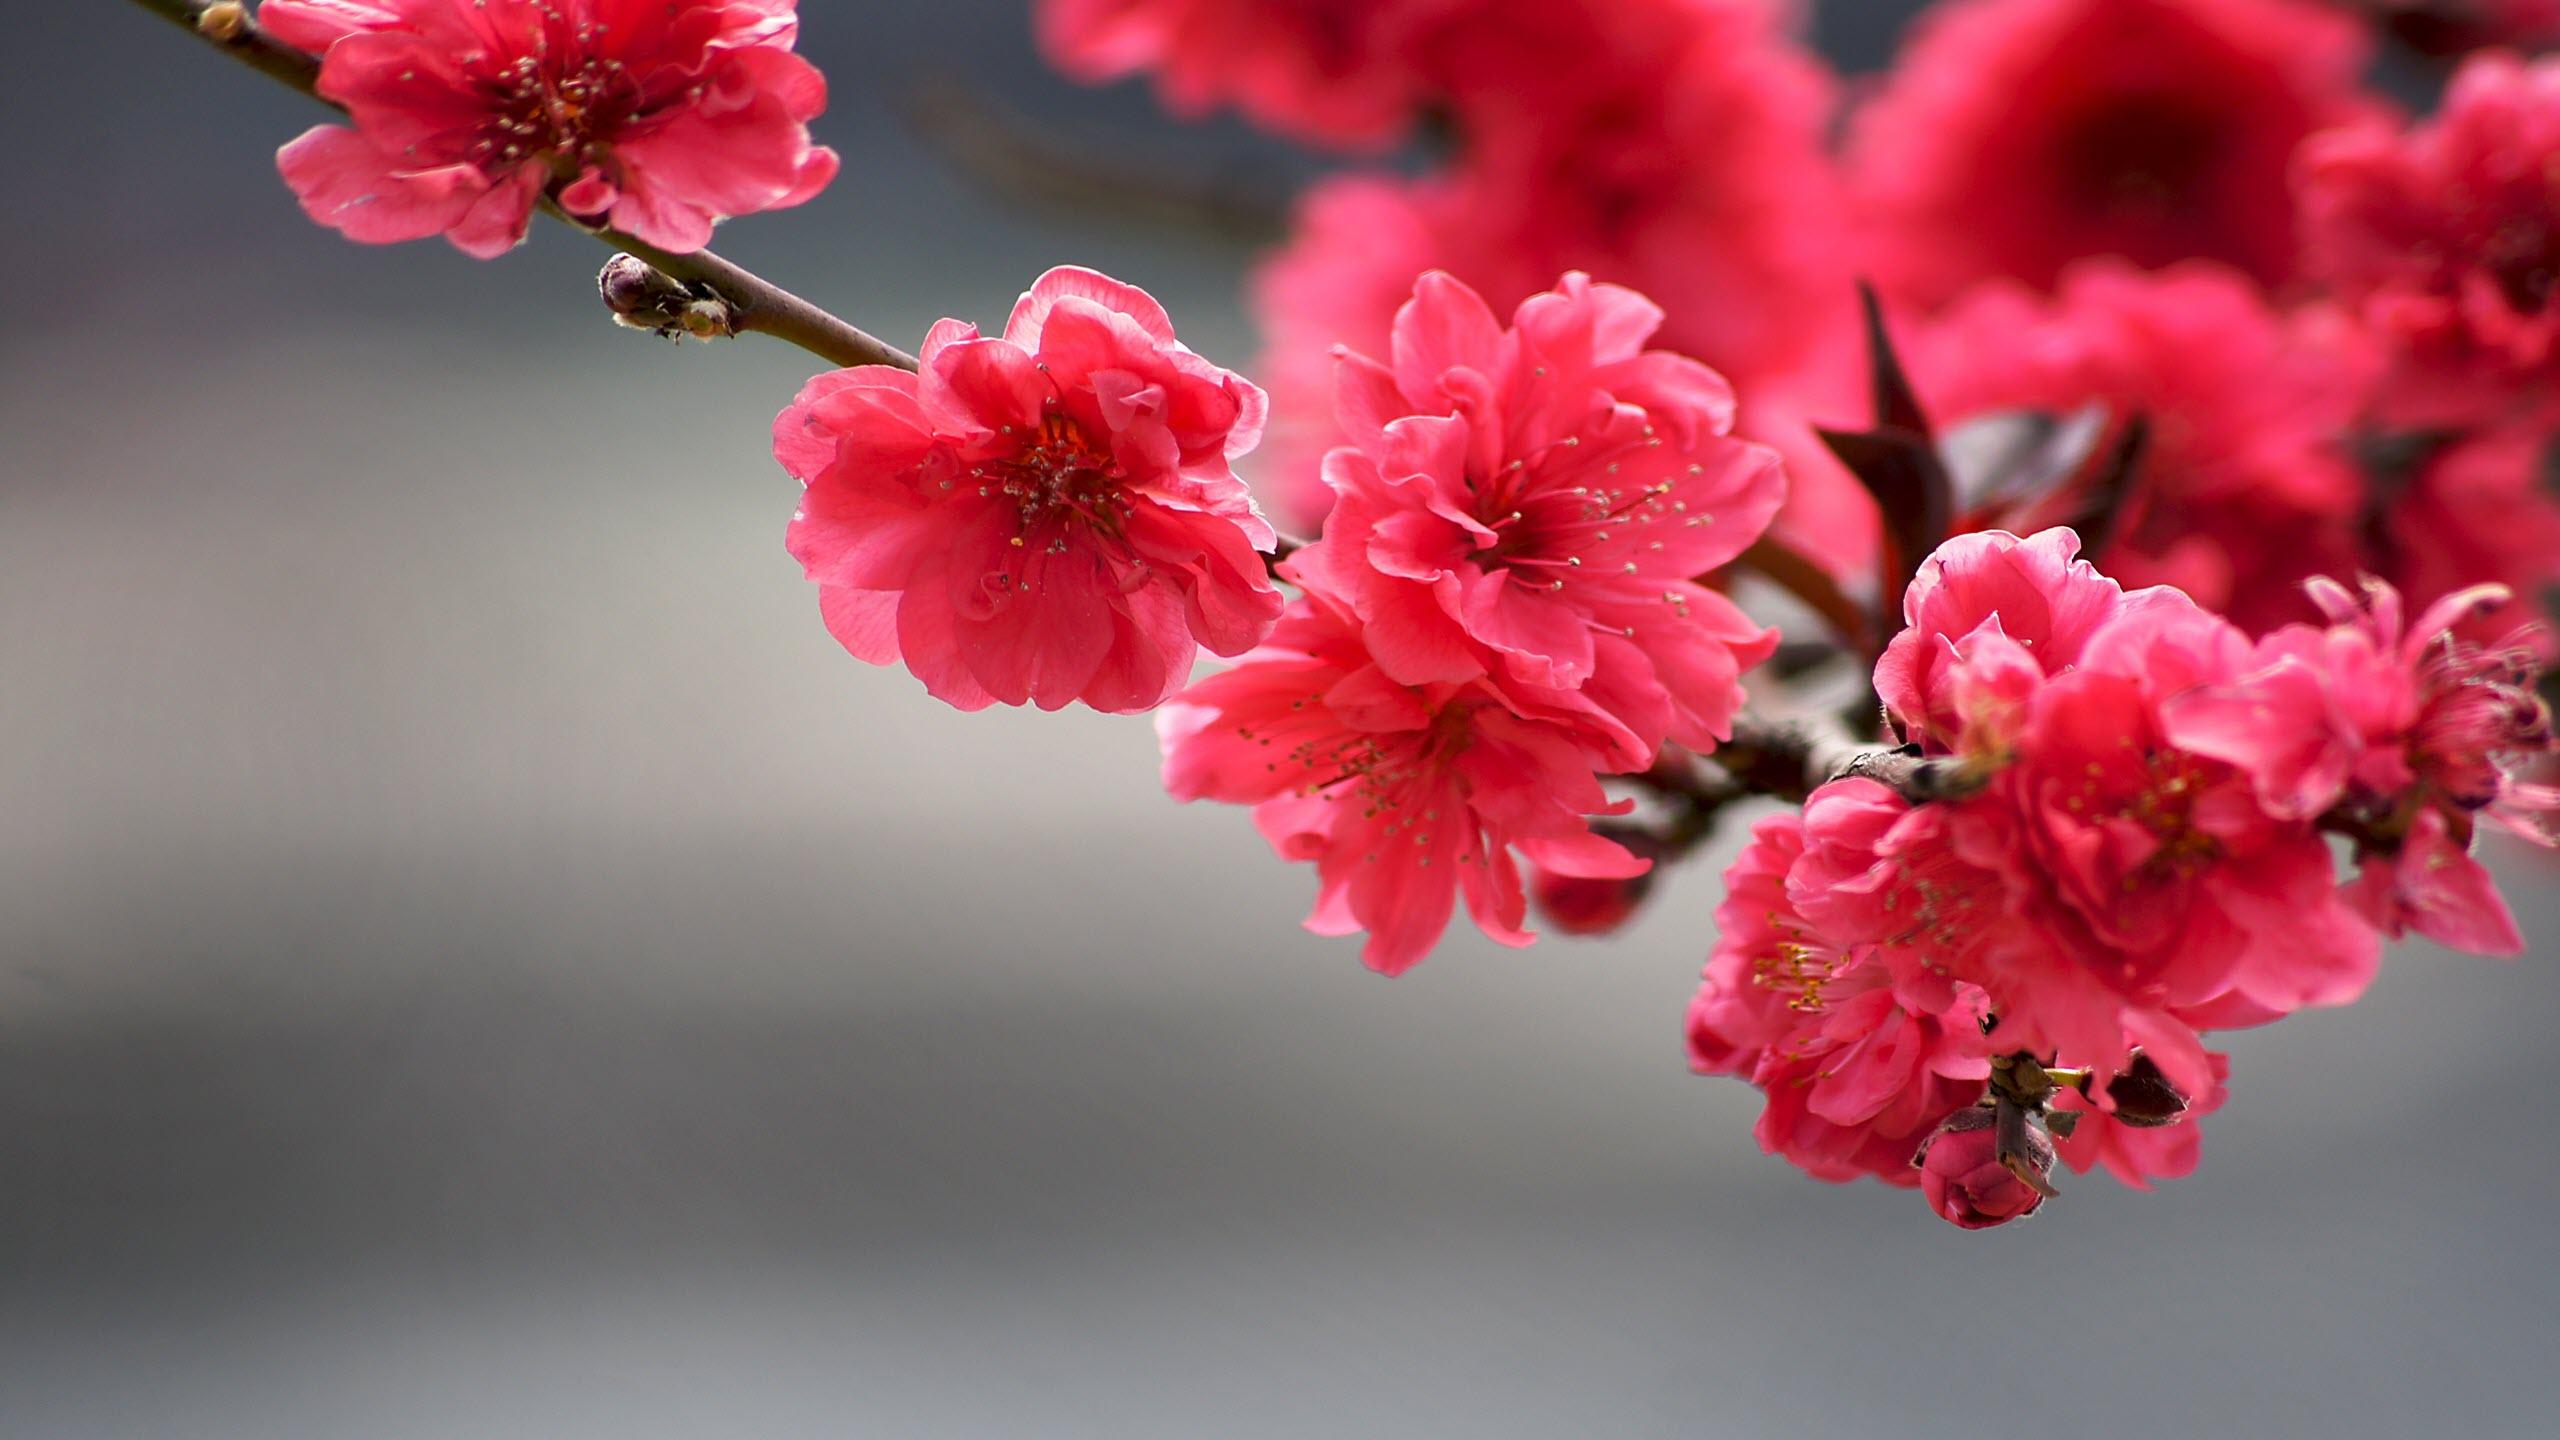 Ảnh nền hoa màu đỏ cực đẹp